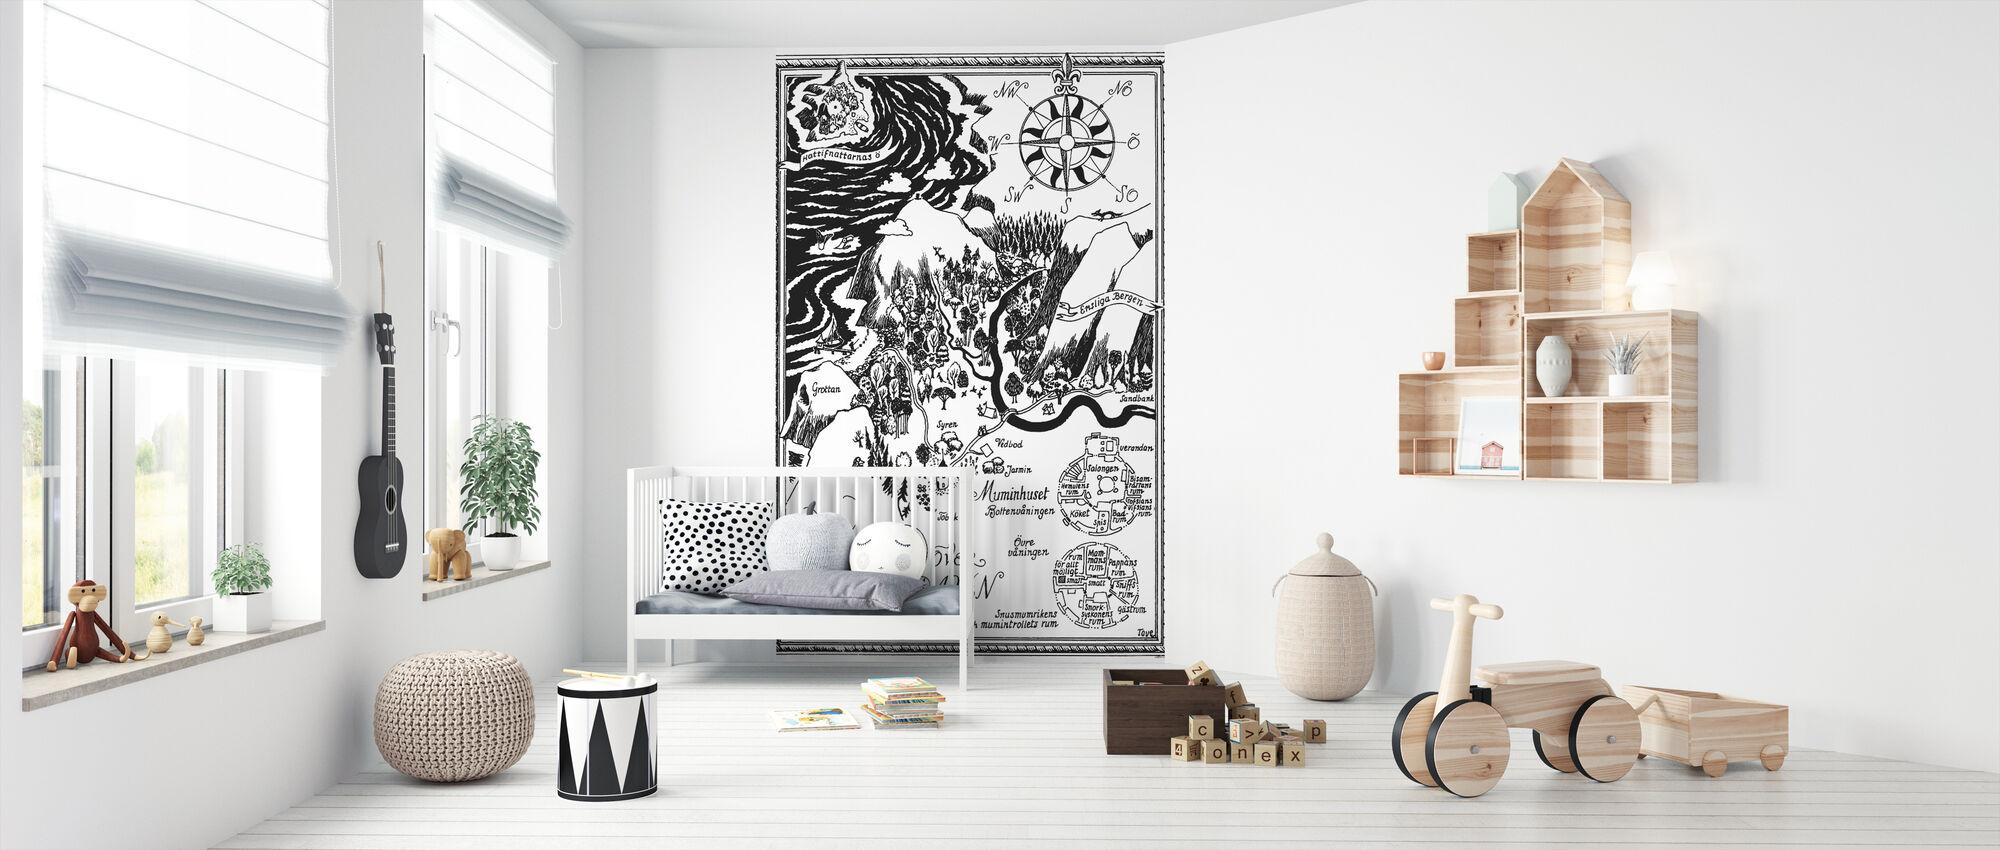 Moomin - Carte sur la vallée de Moomin - Papier peint - Chambre de bébé